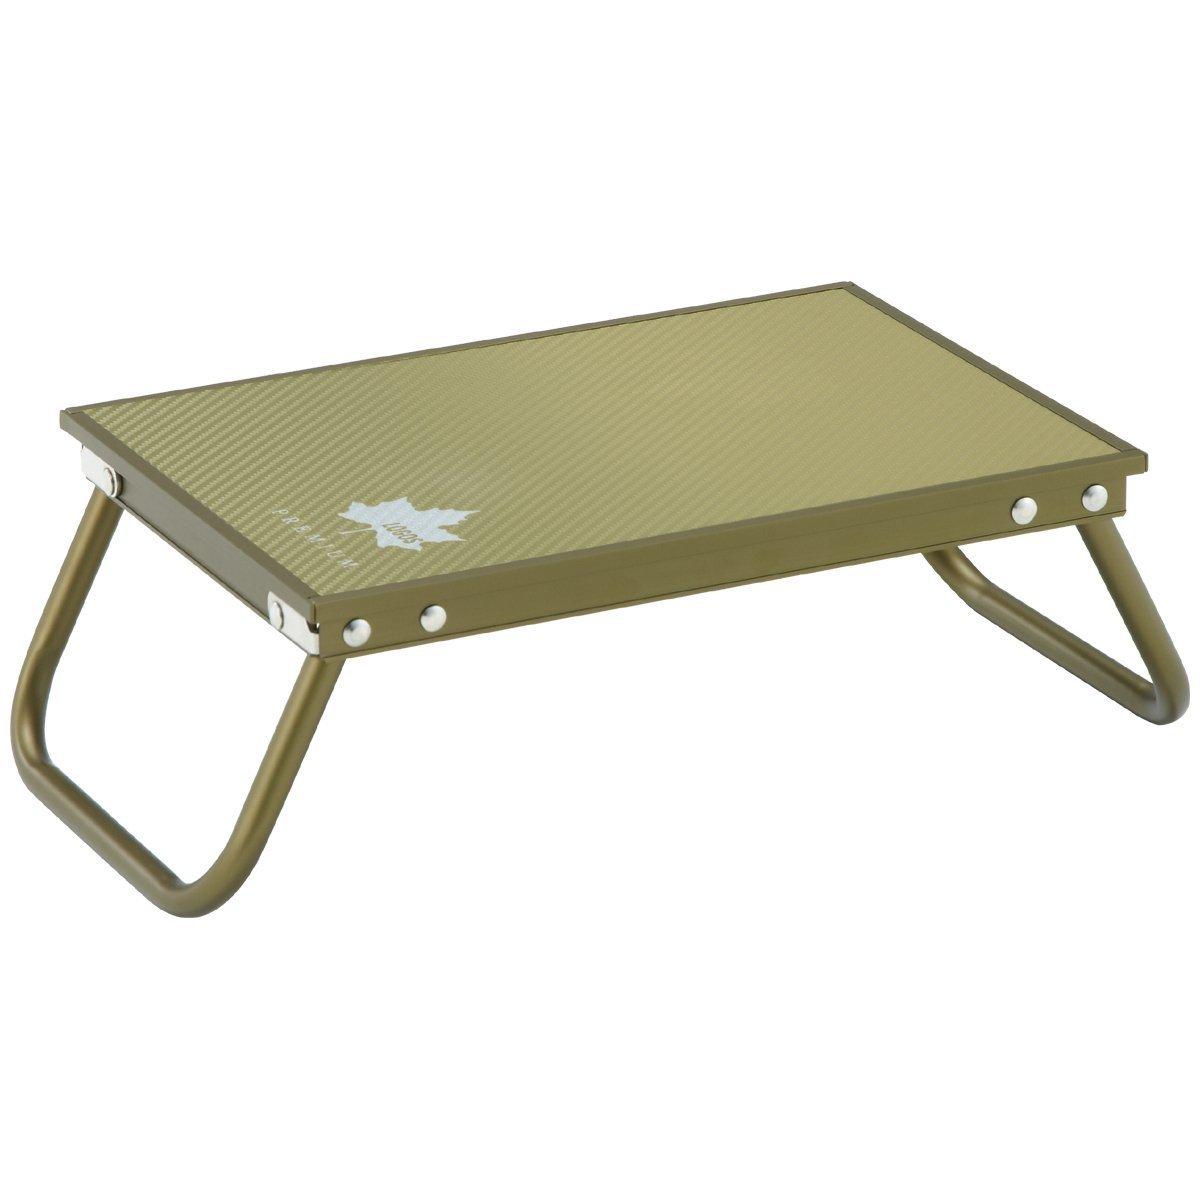 ロゴス プレミアム カーボントップテーブル・ミニ 73186507